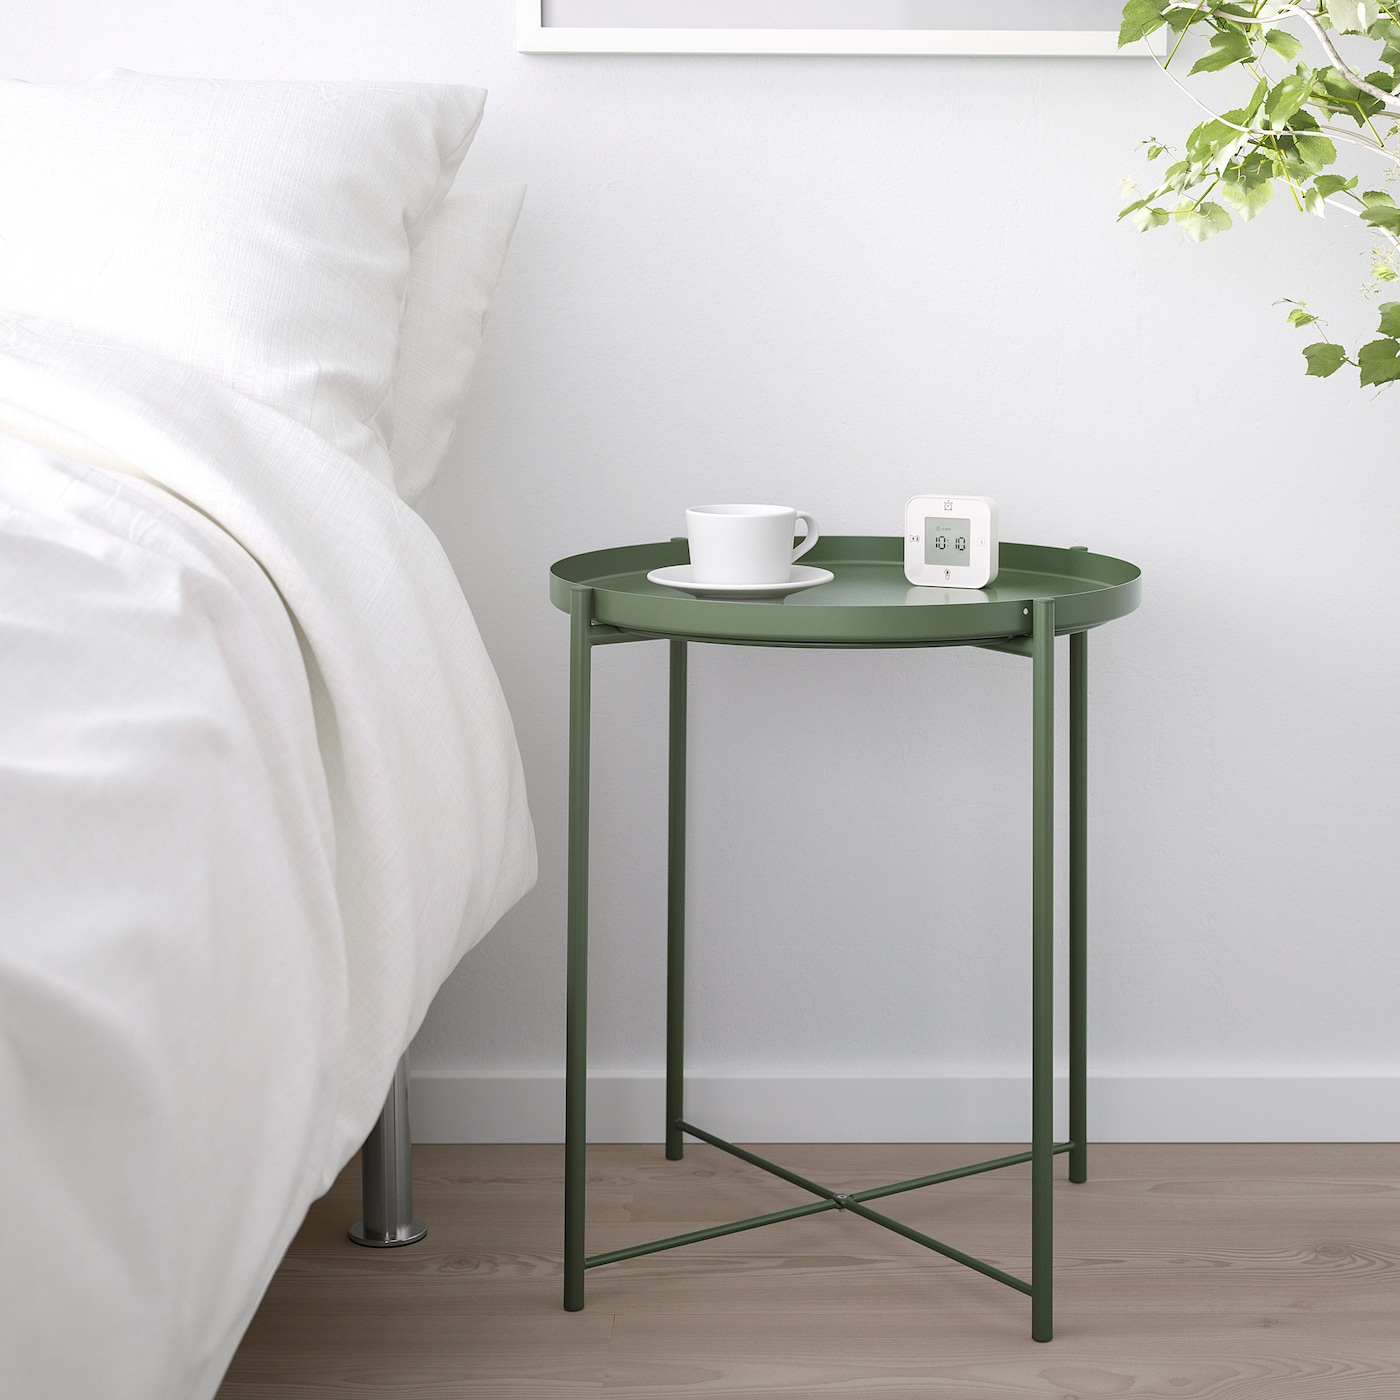 Gladom Table/plateau - Vert Foncé 45X53 Cm concernant Ikea Mobilier De Jardin